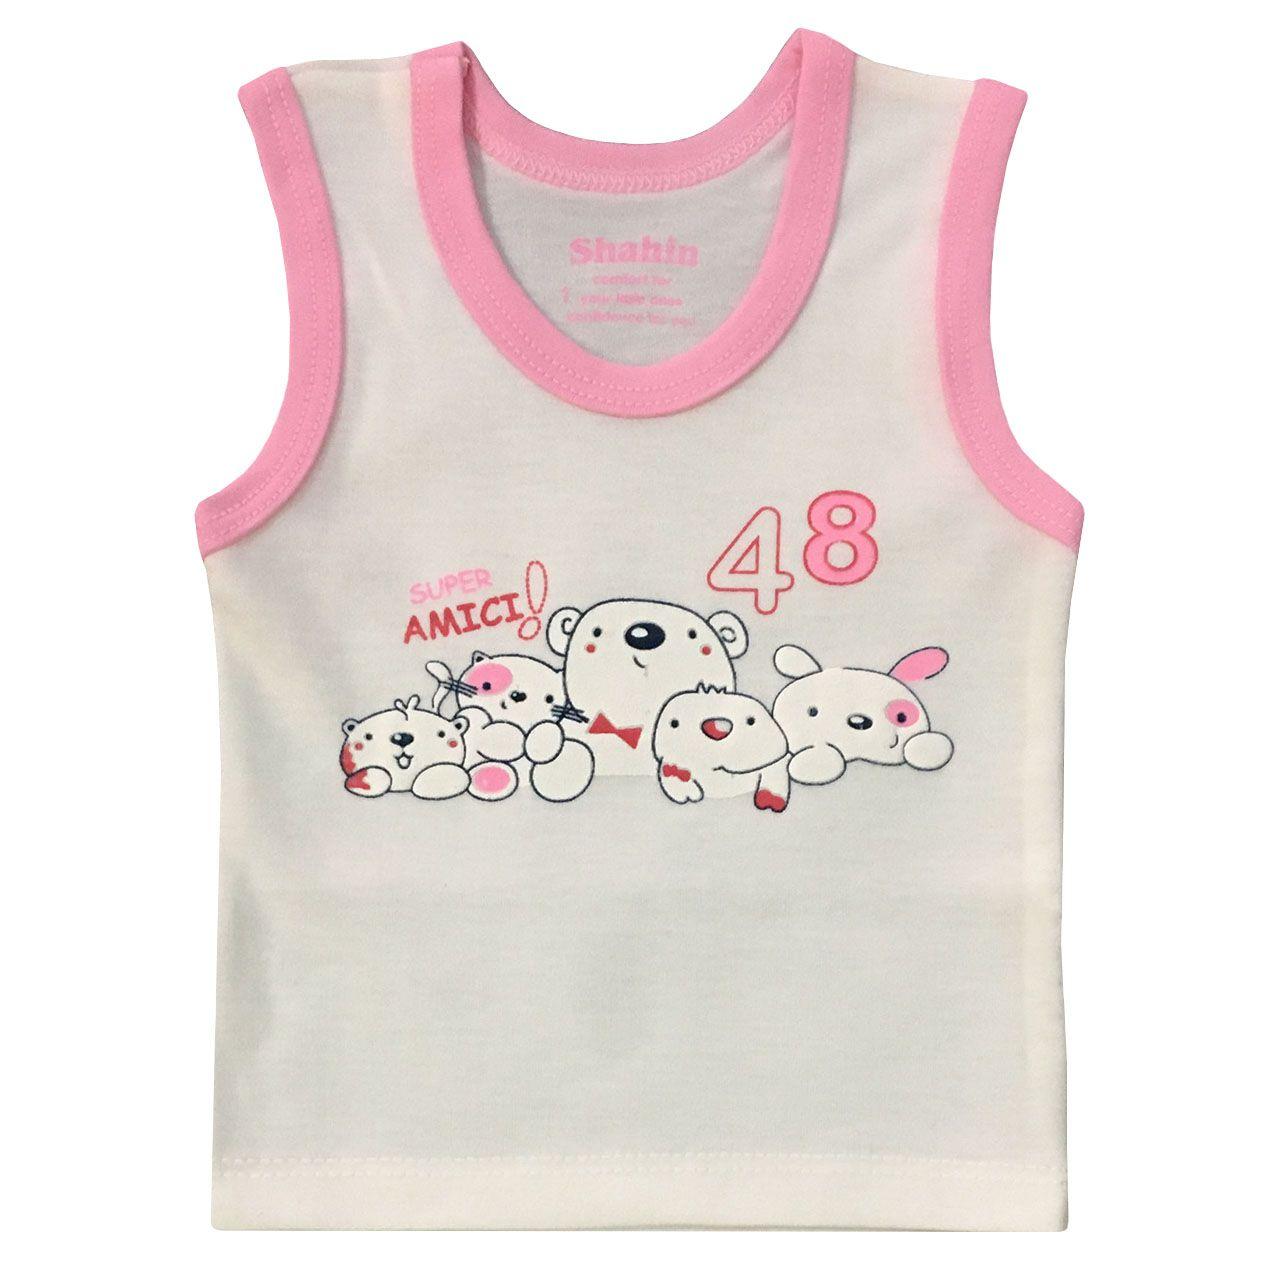 ست 3 تکه لباس نوزادی دخترانه شاهین طرح امیکی کد R -  - 3